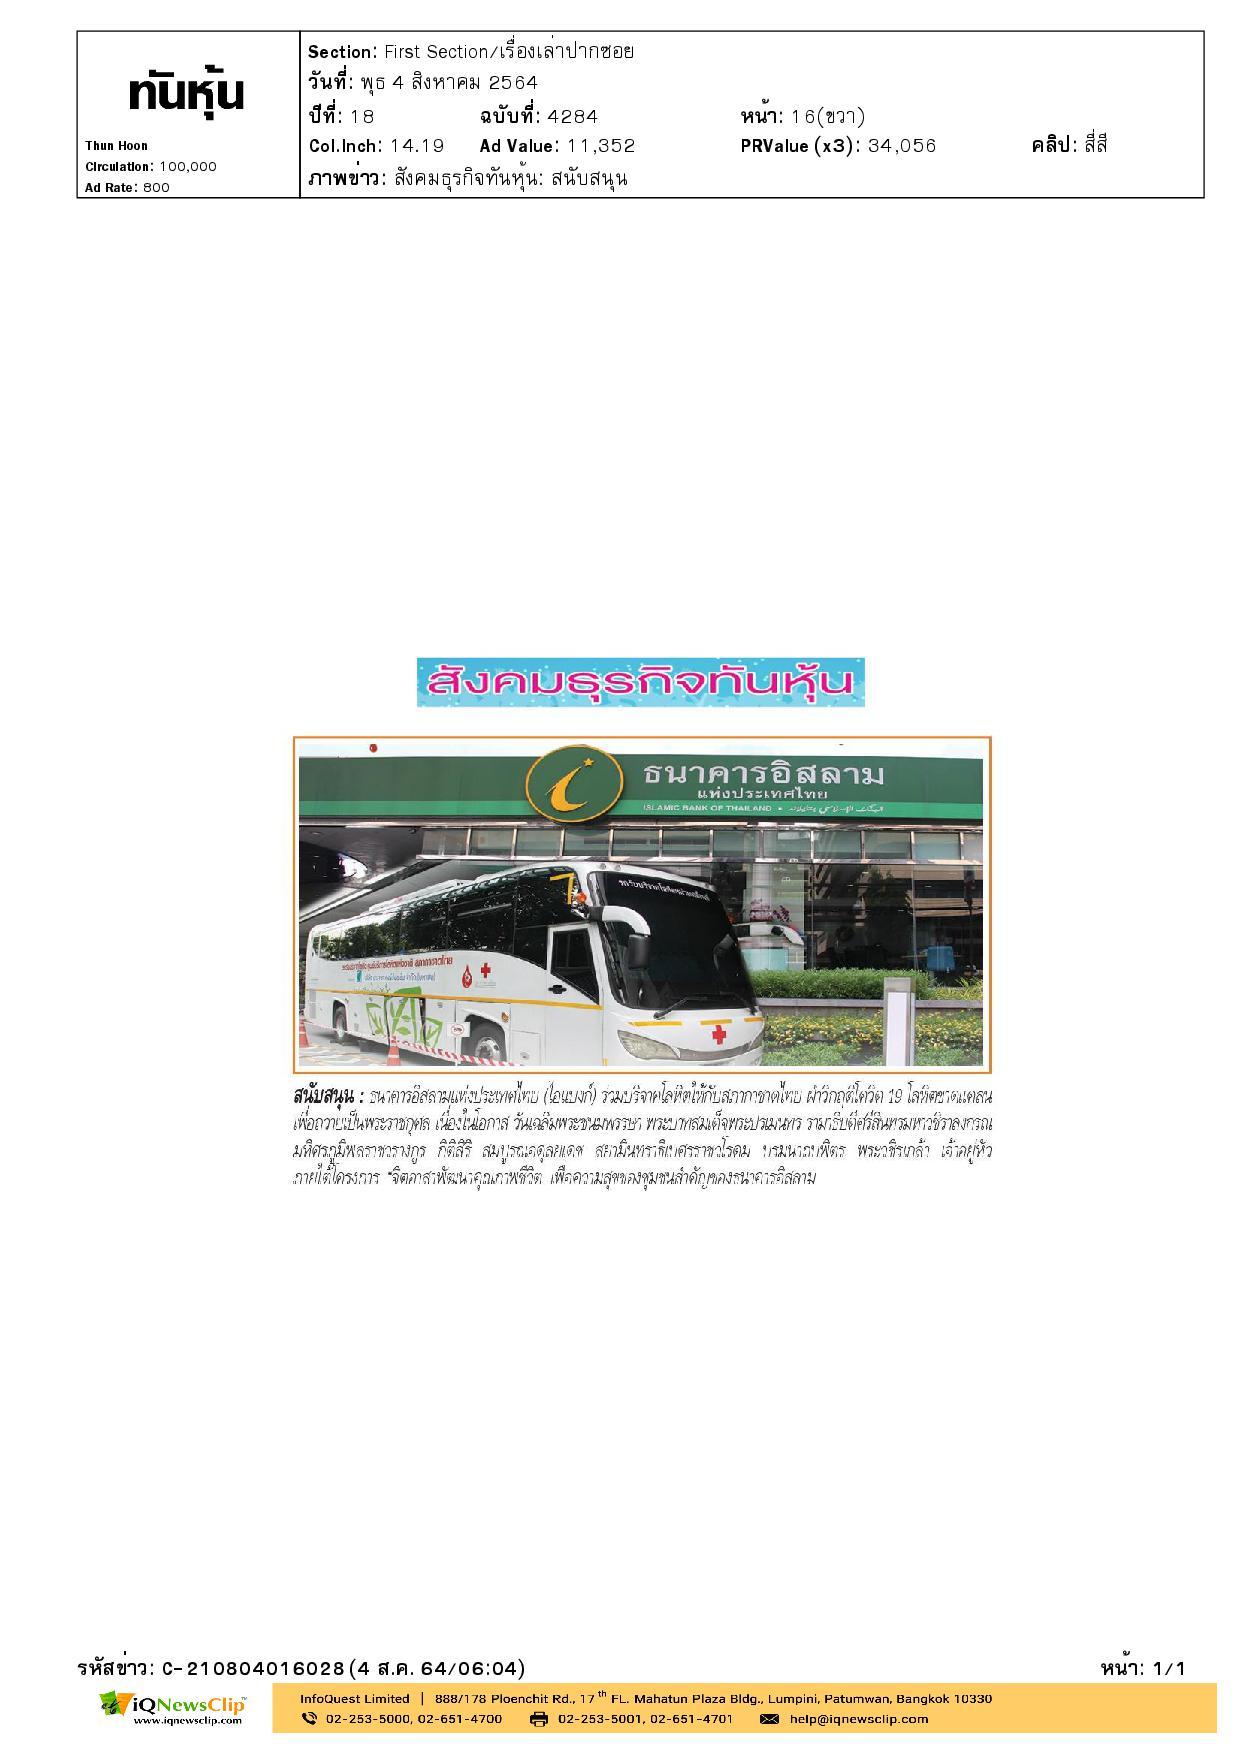 ธนาคารอิสลามแห่งประเทศไทย (ไอแบงก์) ร่วมบริจาคโลหิตให้กับสภากาชาดไทย